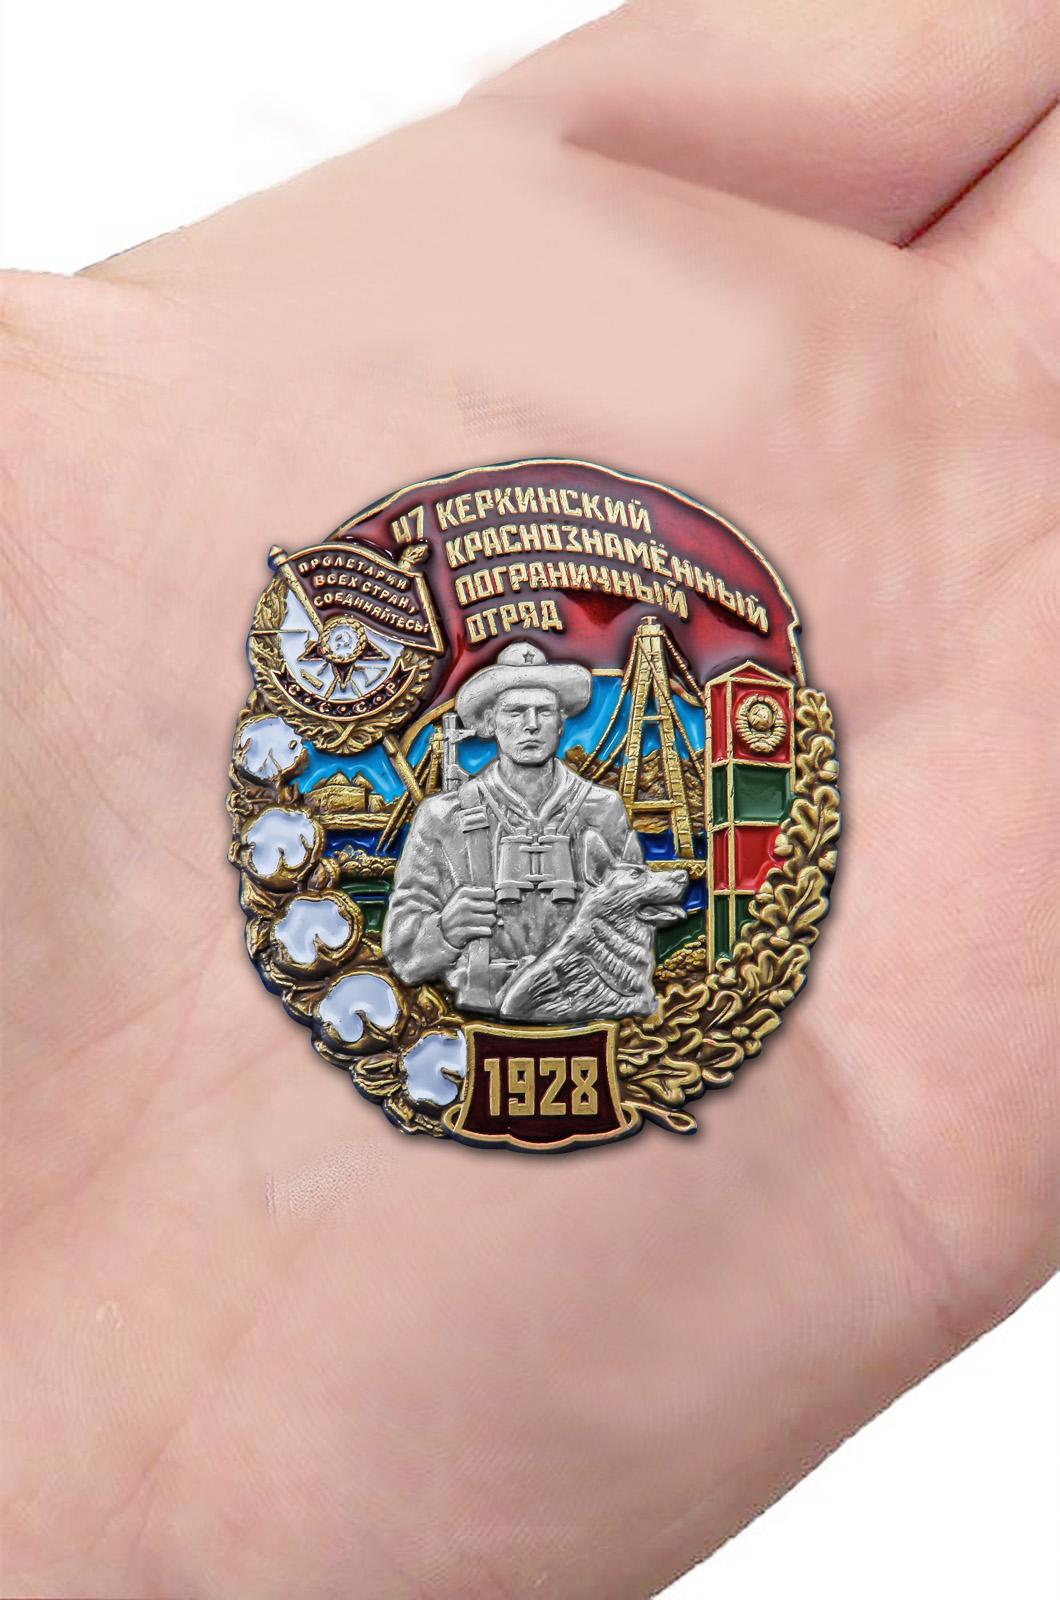 Наградной знак 47 Керкинский Краснознамённый пограничный отряд - вид на ладони